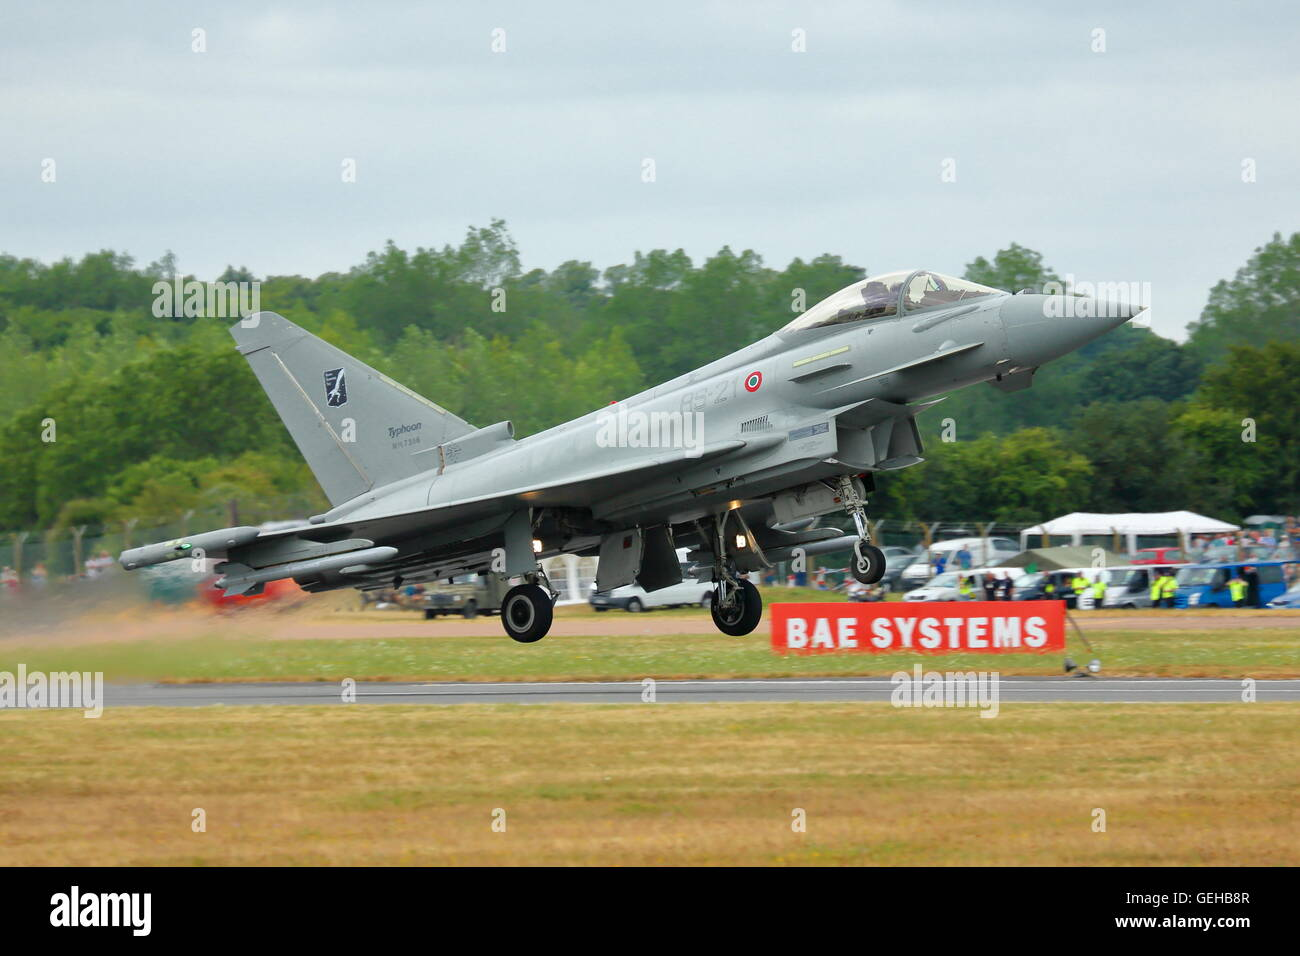 Italian Typhoon Eurofighter at RIAT Fairford, 2013 - Stock Image